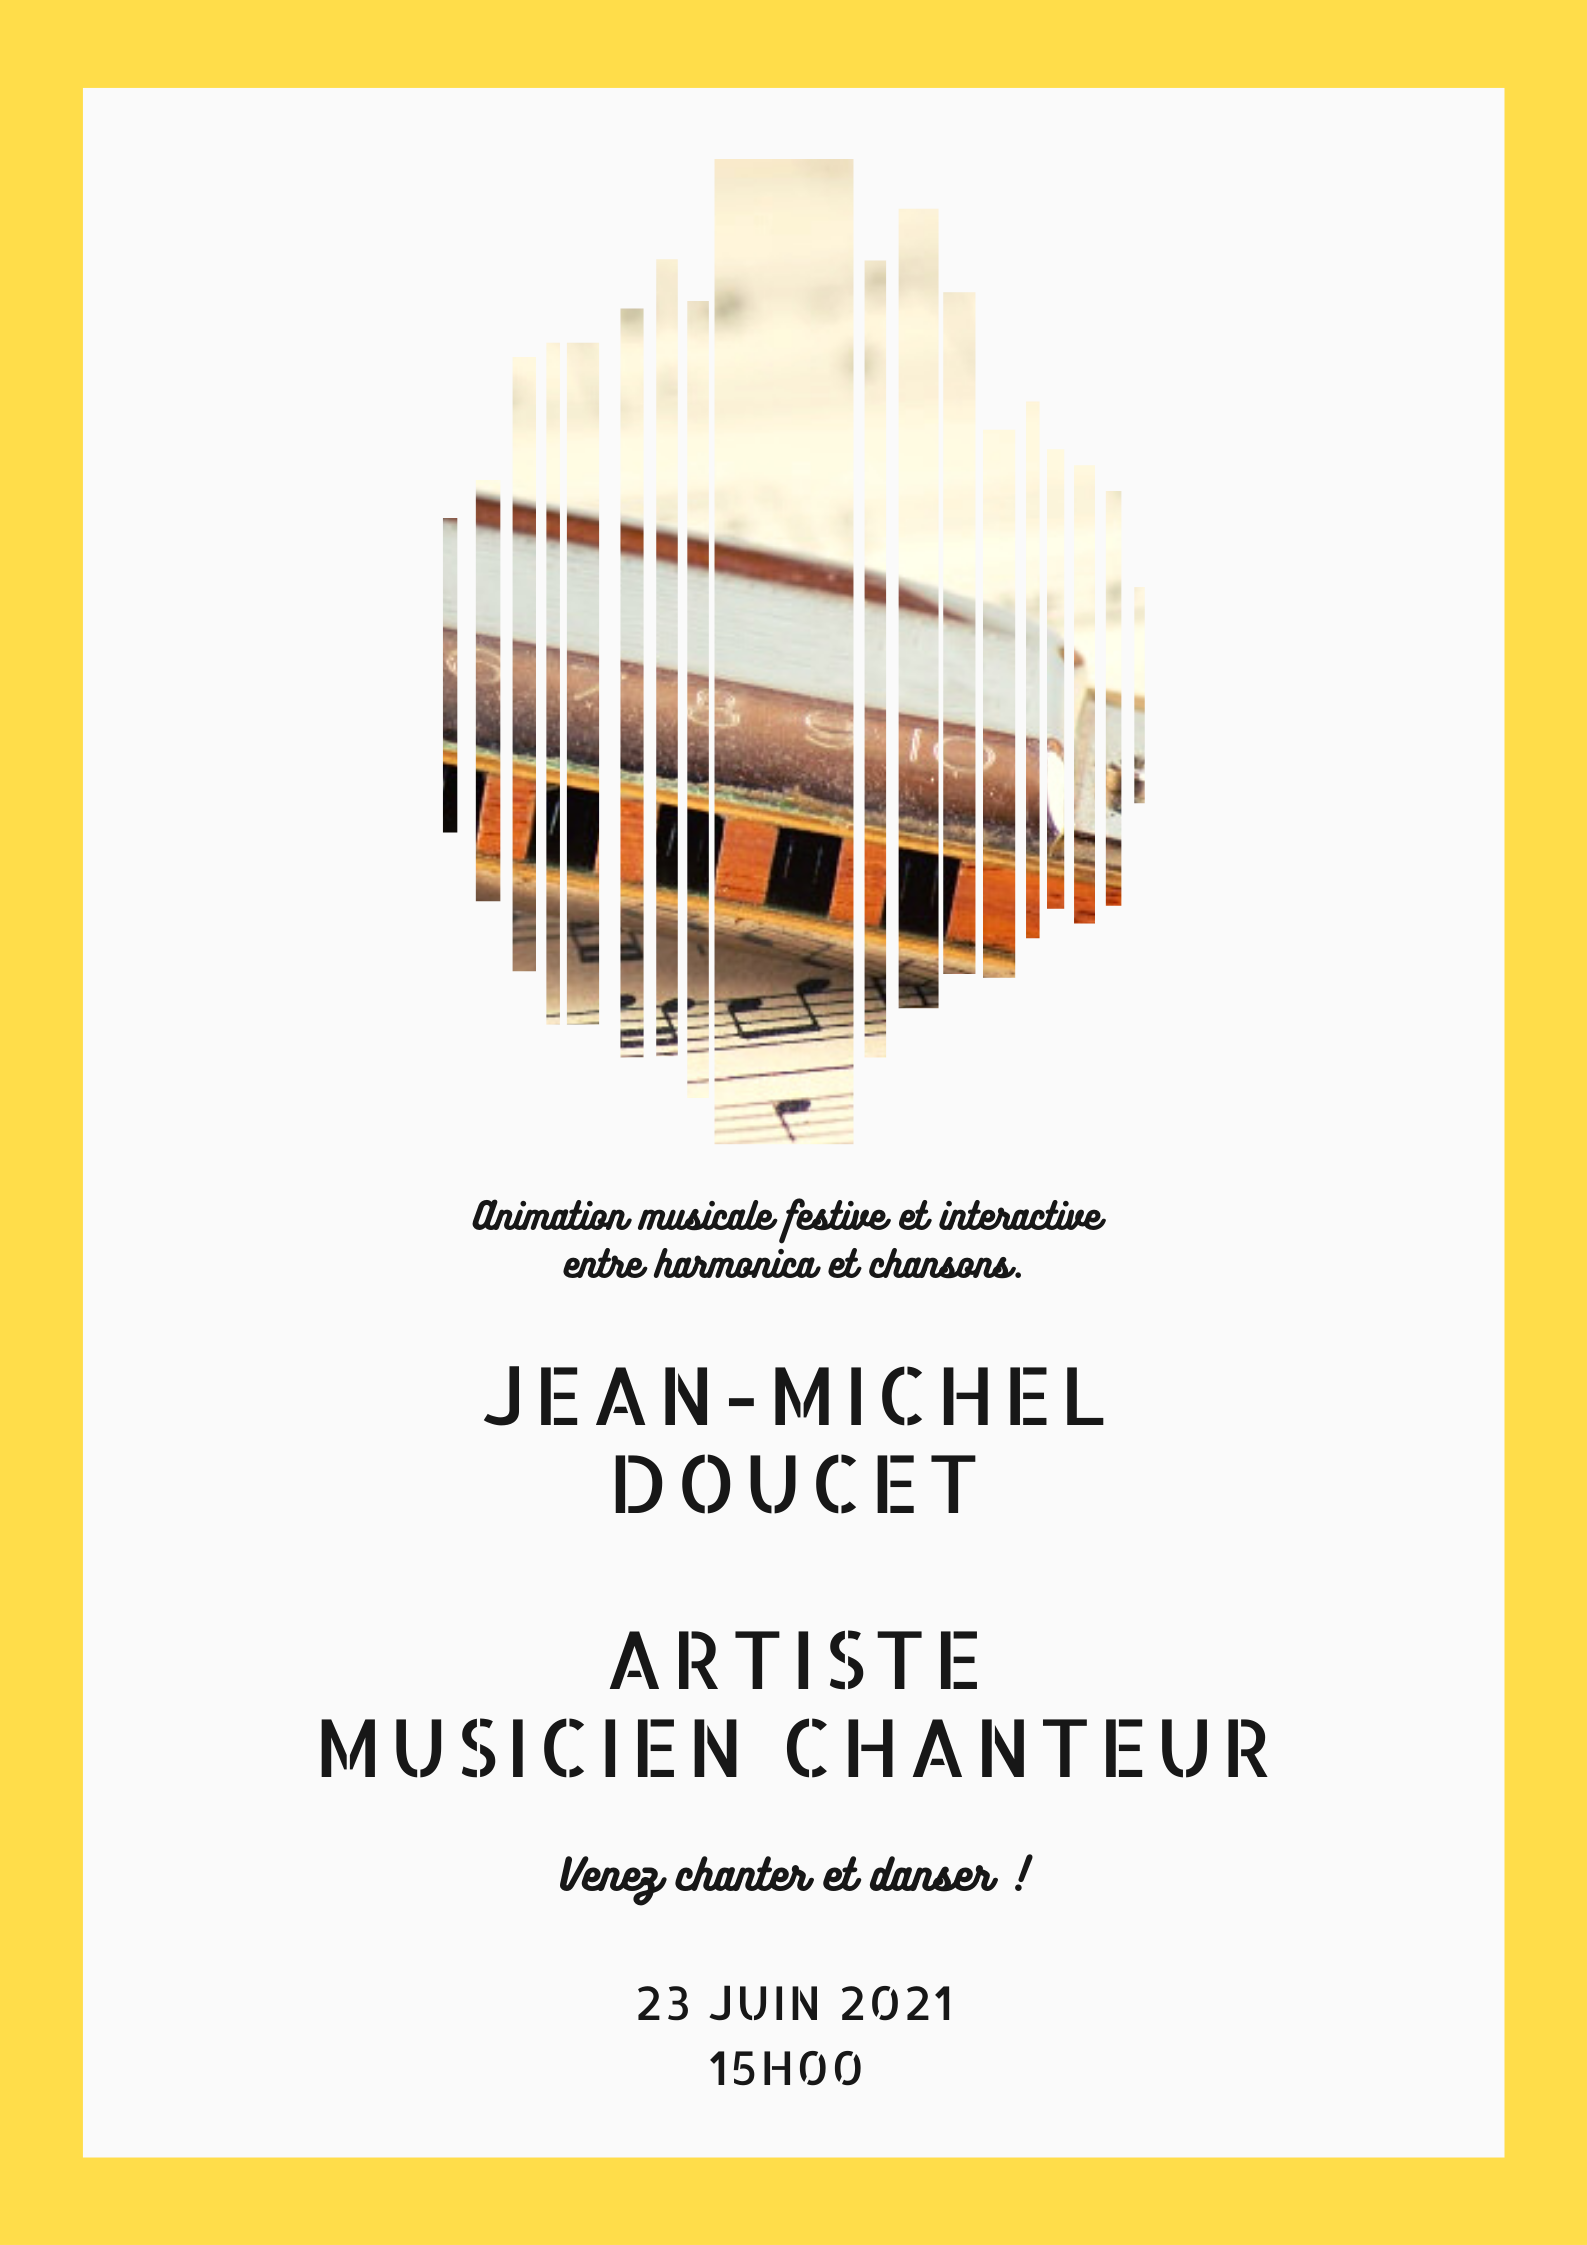 20210623 Jean-Michel Doucet